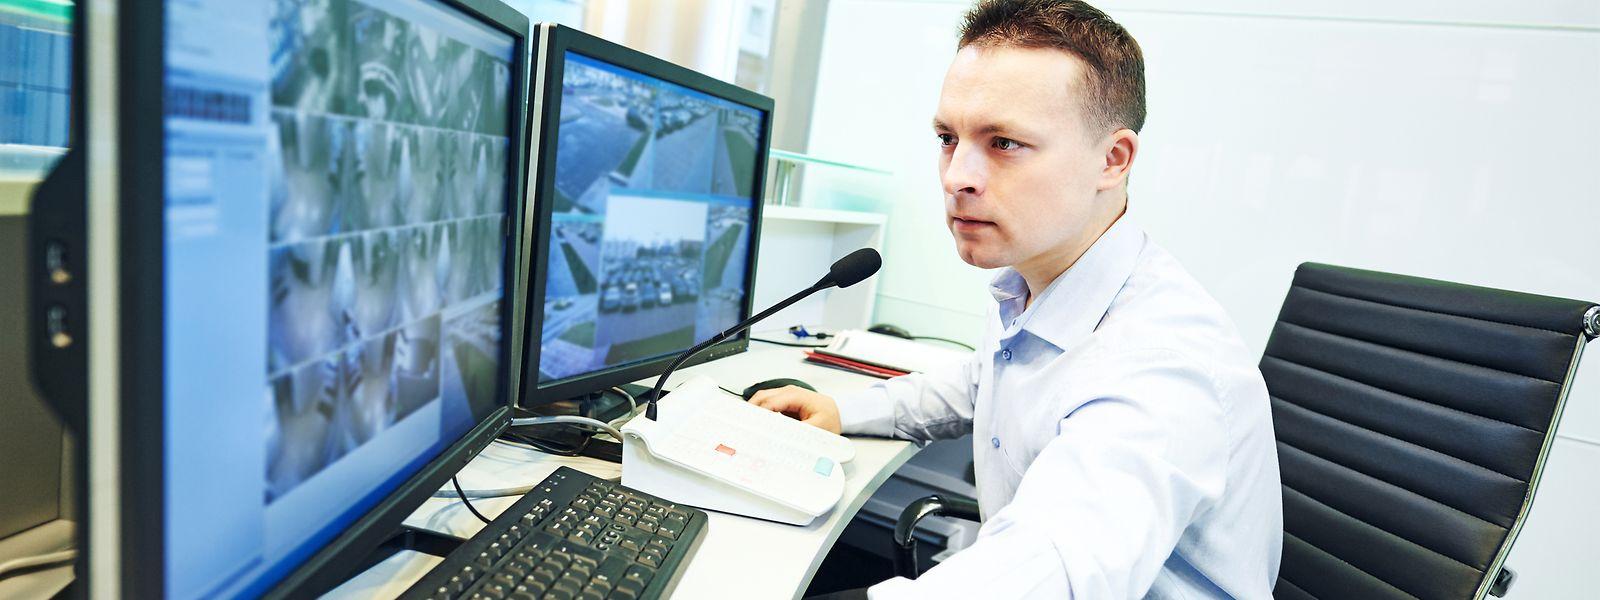 Les quelque 3.600 agents de sécurité employés au Grand-Duché ont désormais l'opportunité d'acquérir un niveau de compétences identique et une adaptation continue aux besoins du marché